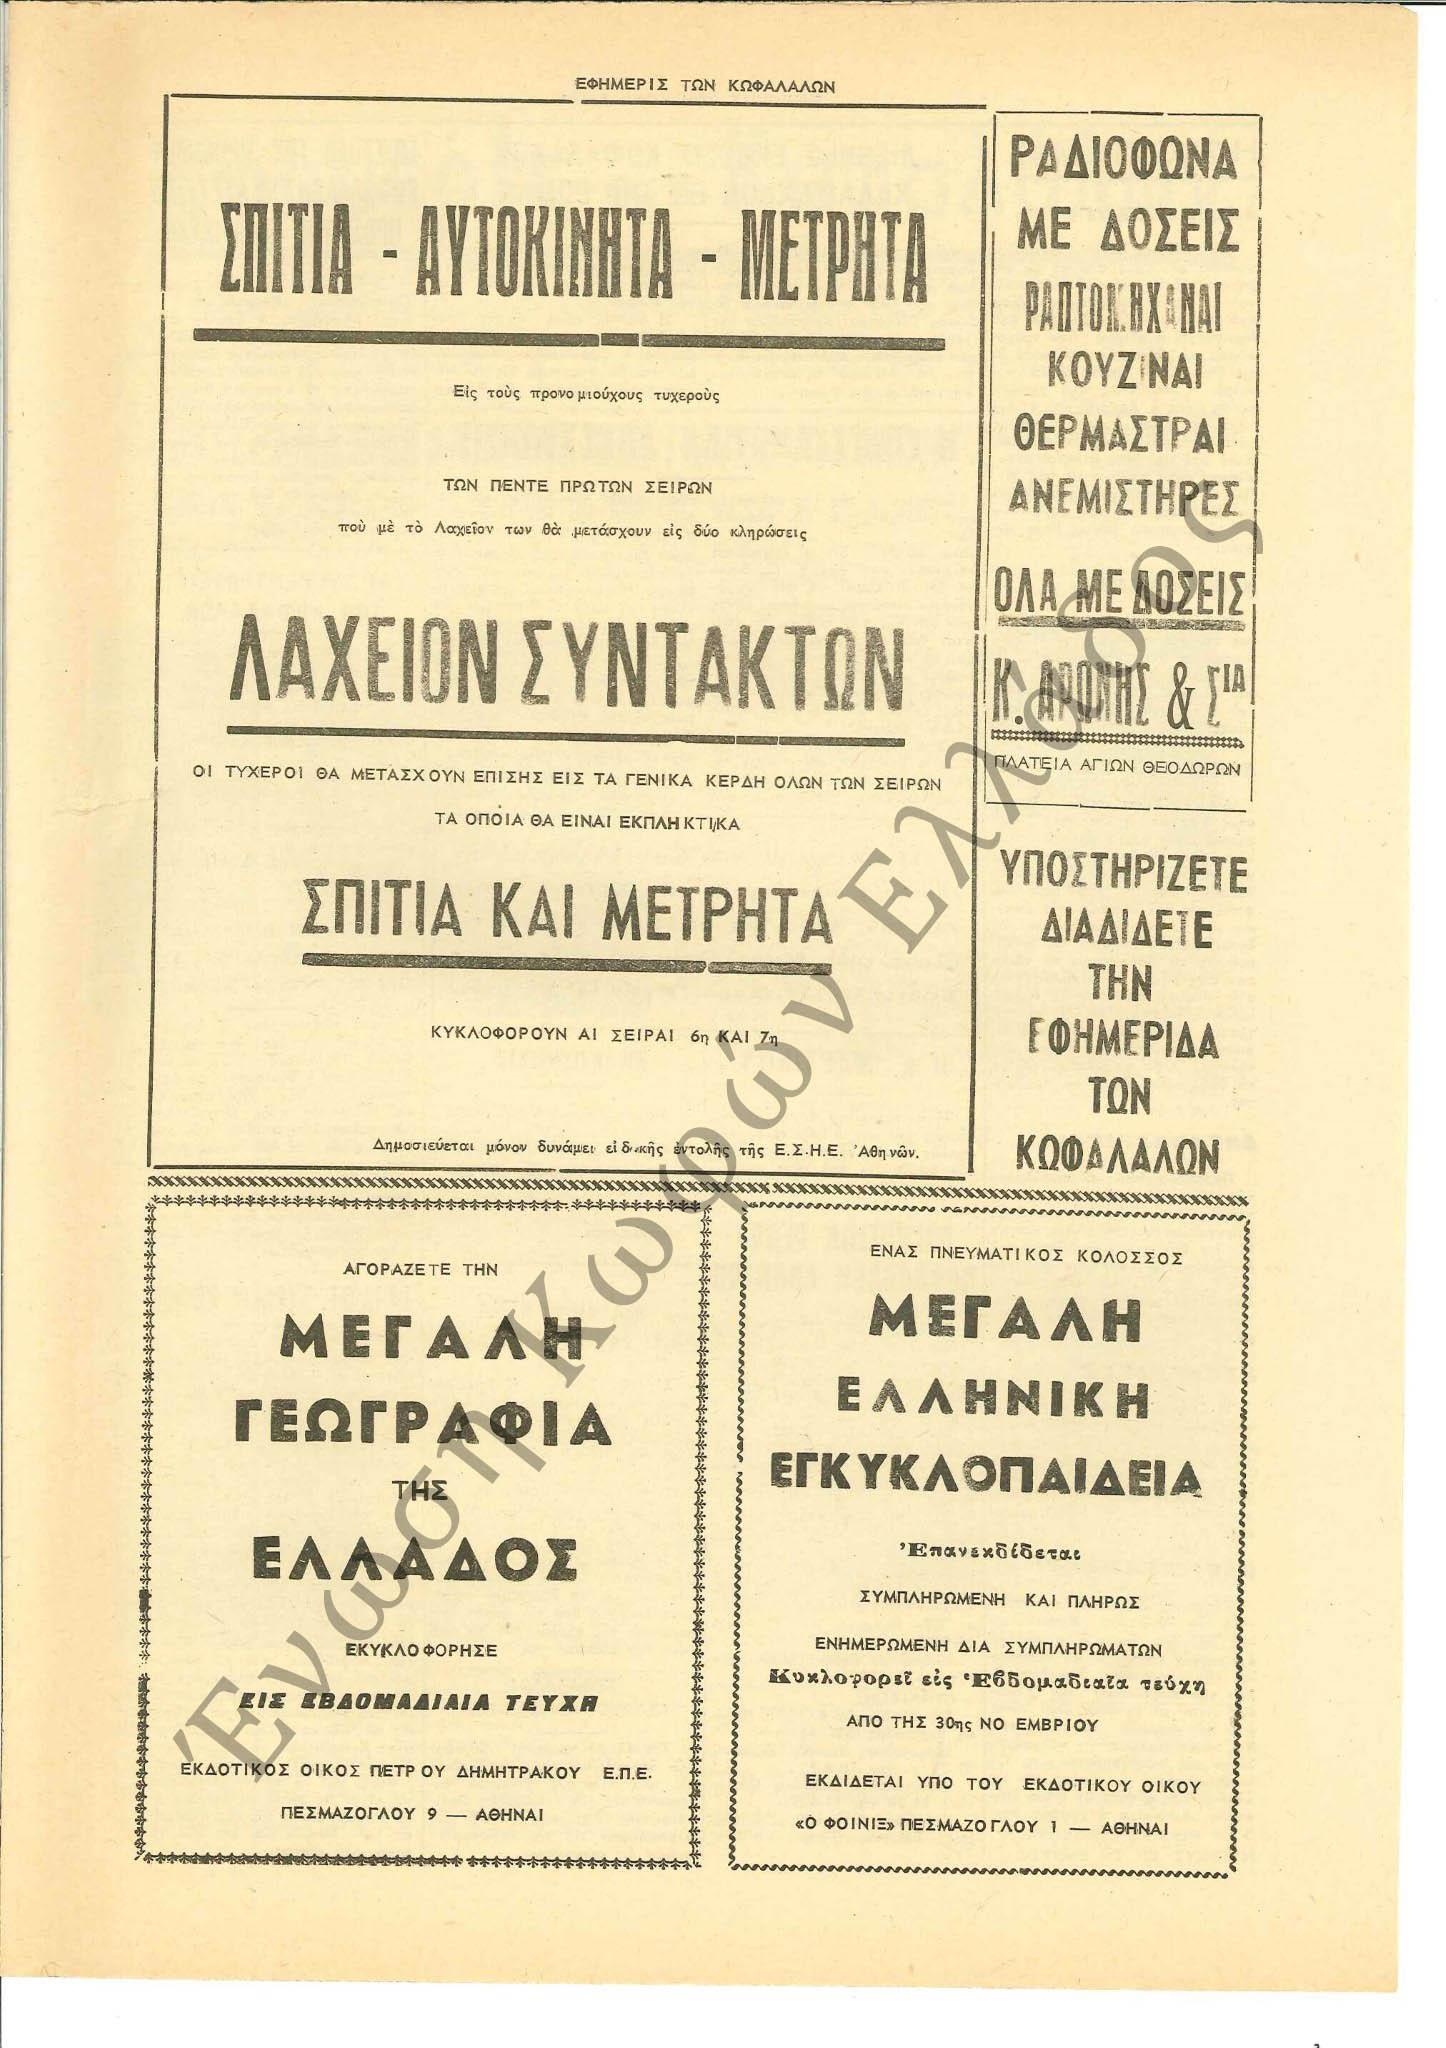 Εφημερίς των Κωφαλάλων 1956-Δεκέμβριος 3